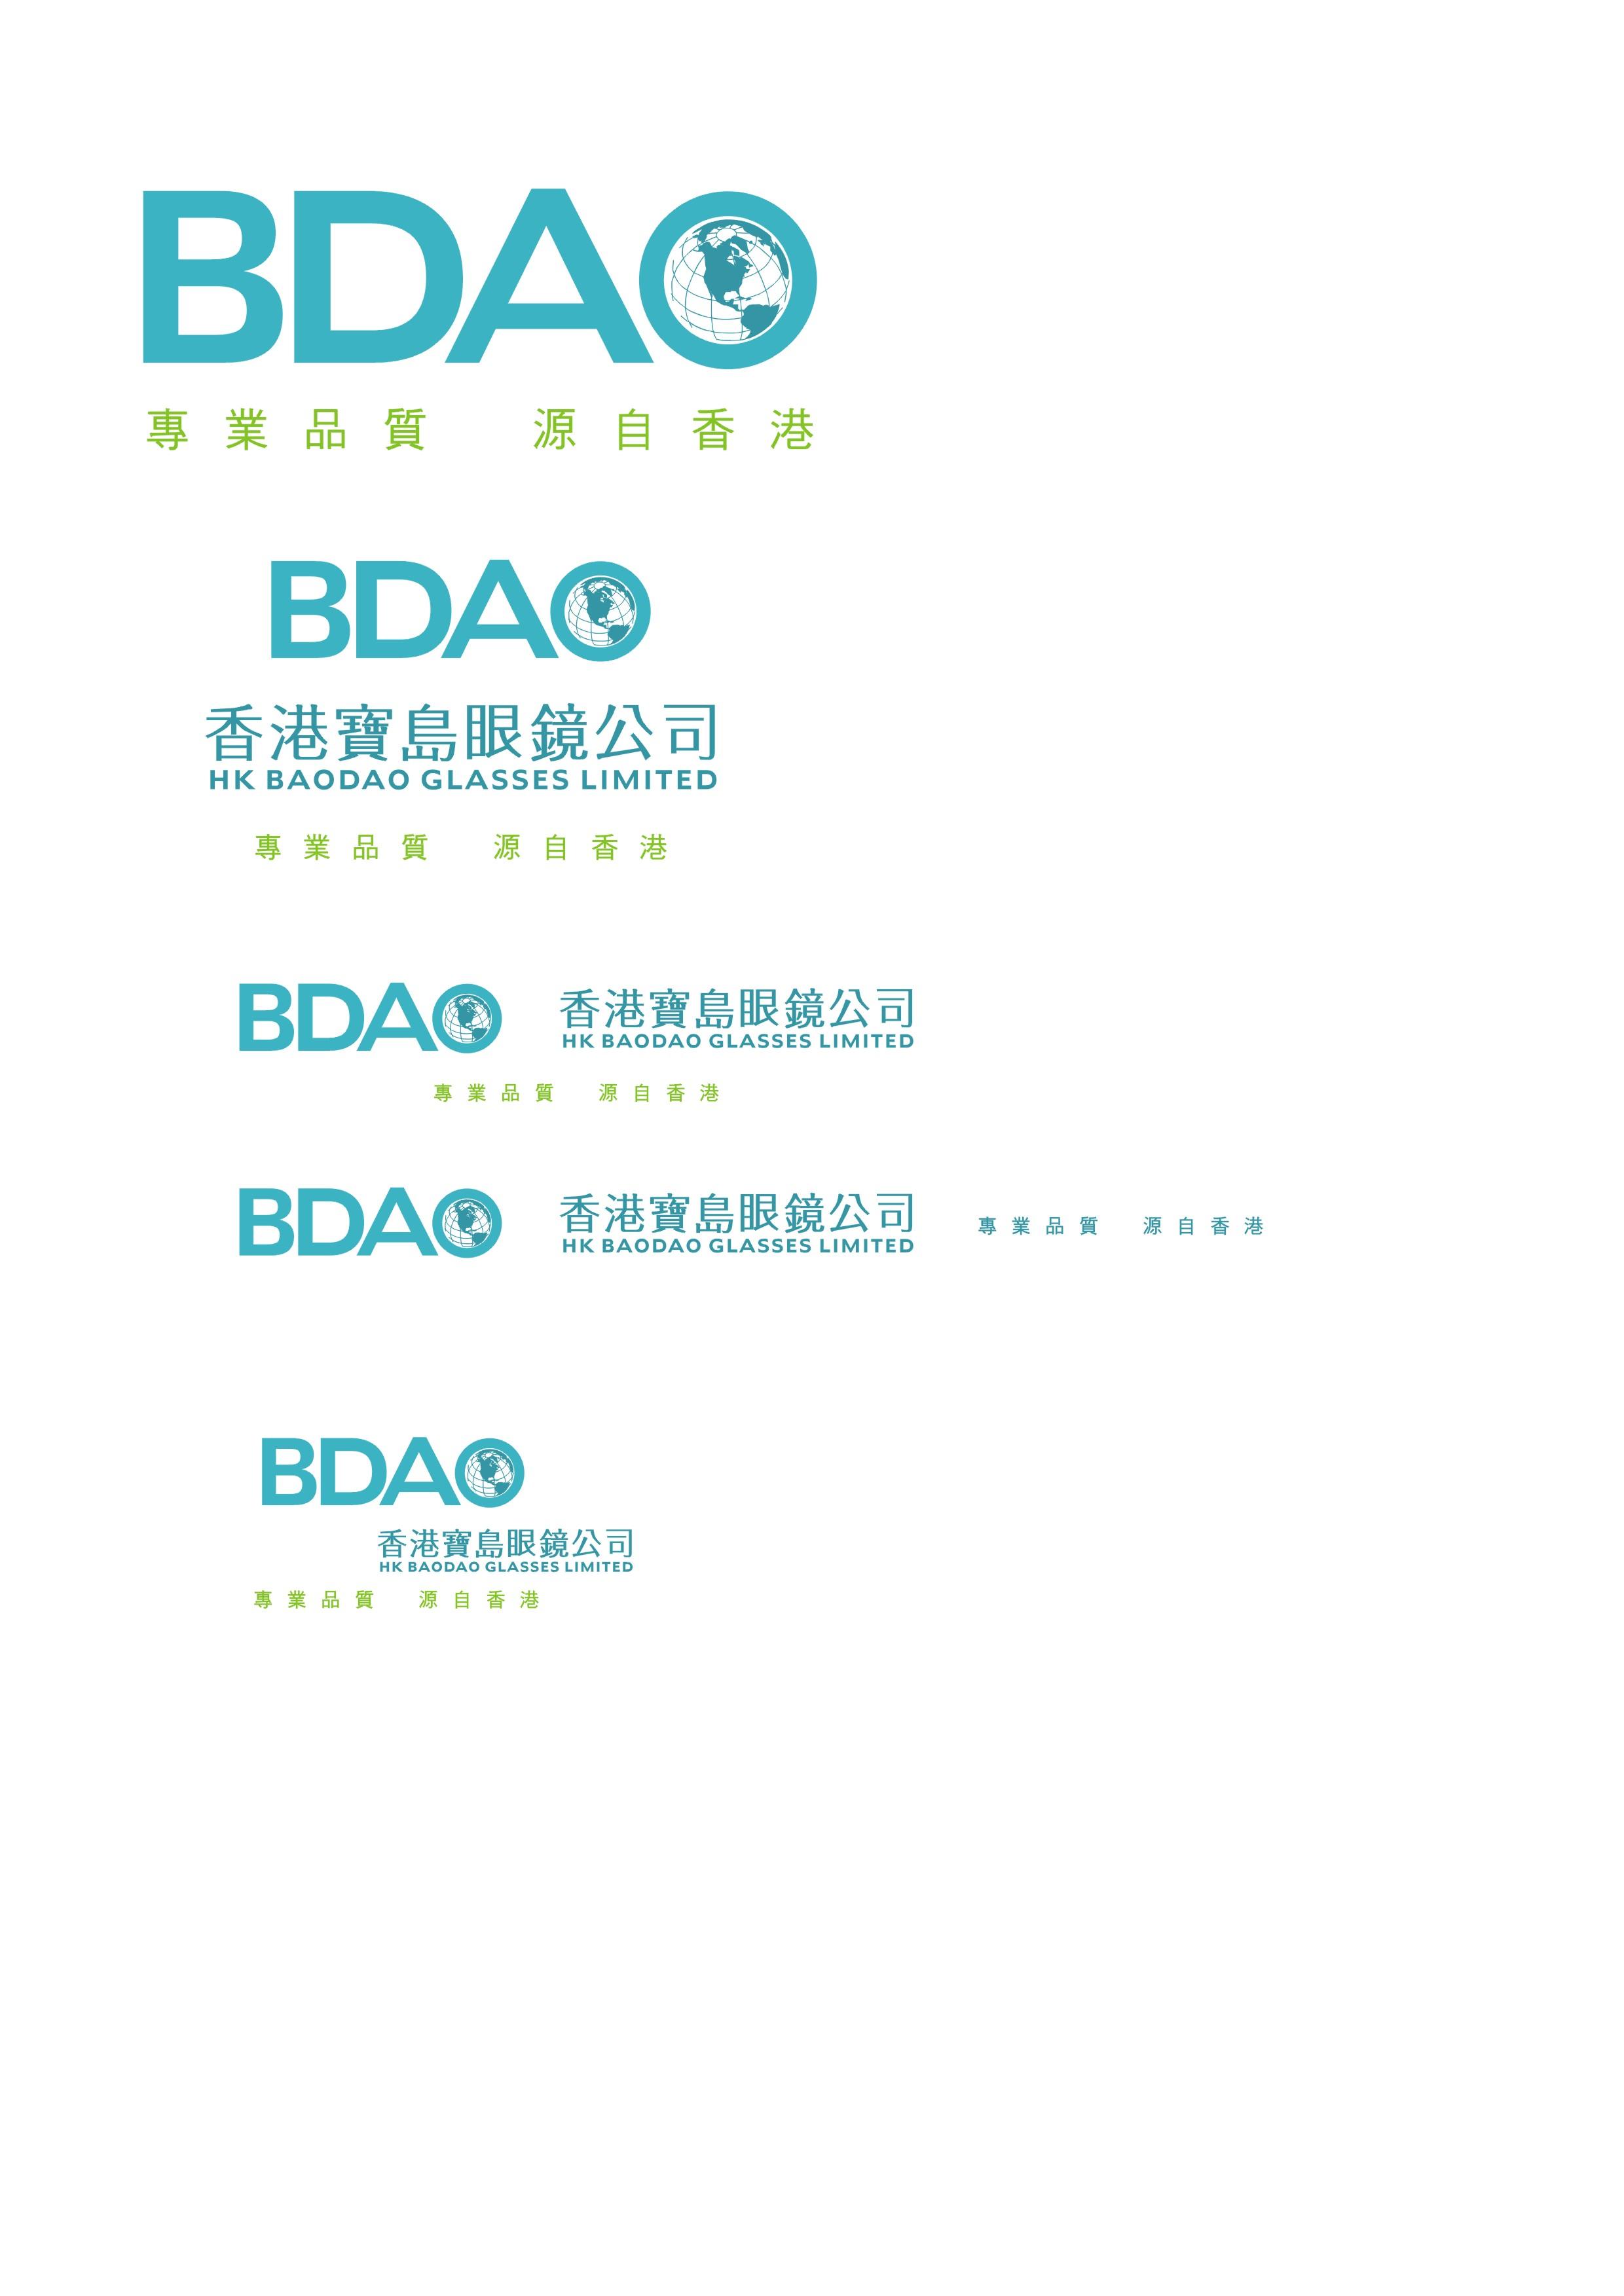 香港宝岛眼镜国际集团专业连锁有限公司